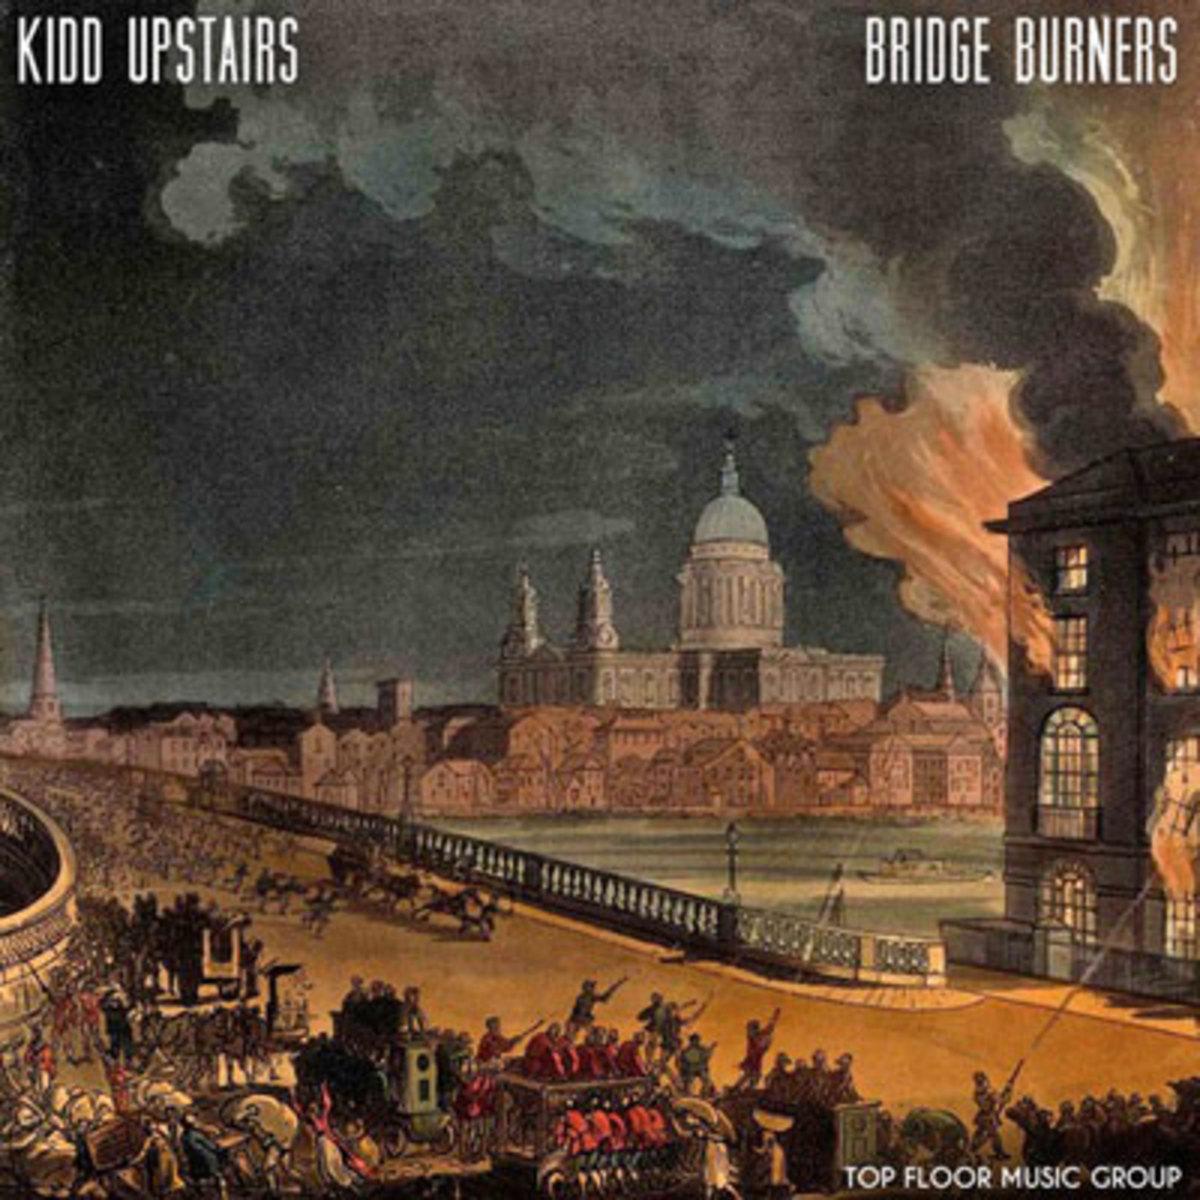 kiddupstairs-bridgeburners.jpg